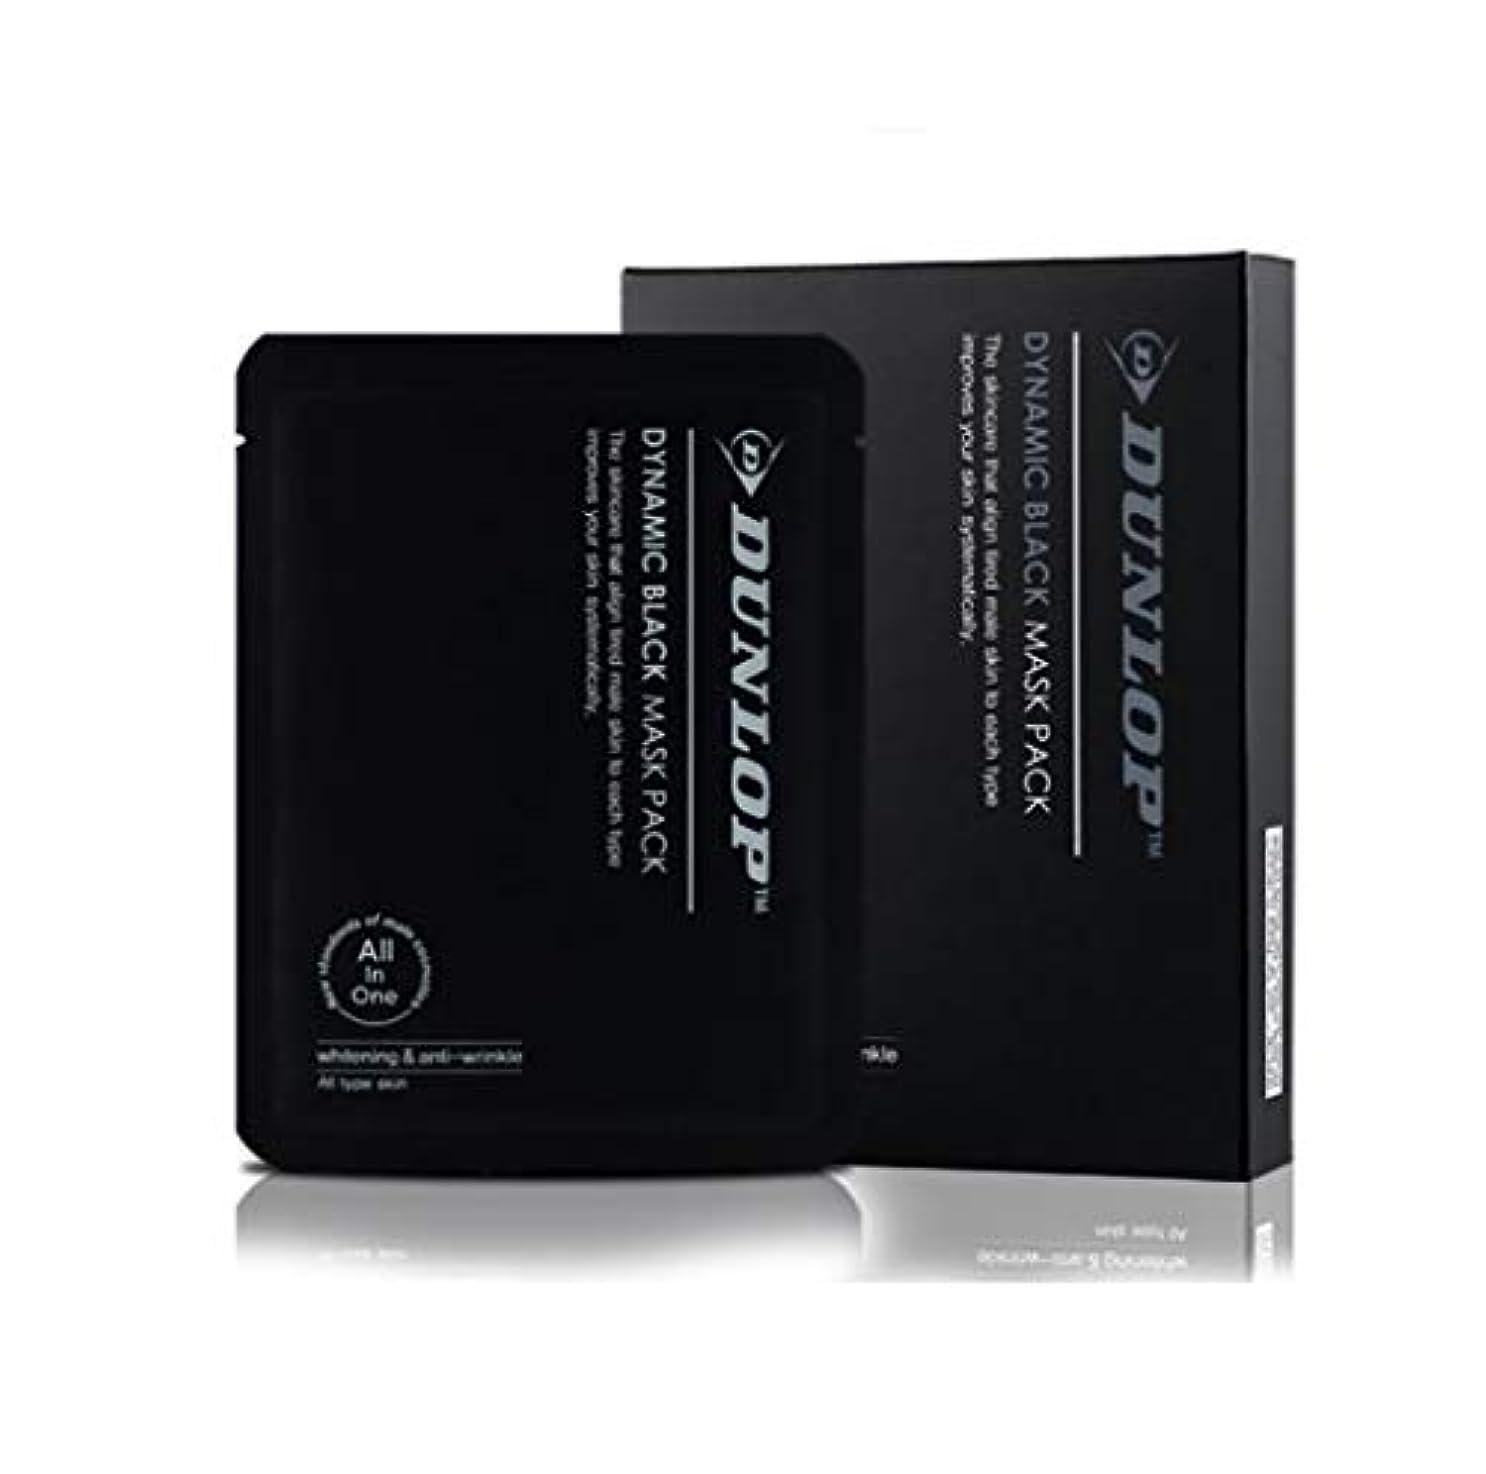 DUNLOP FOR MAN BLACK MASK PACK 男性美白機能性マスクパック10ea(海外直送品)